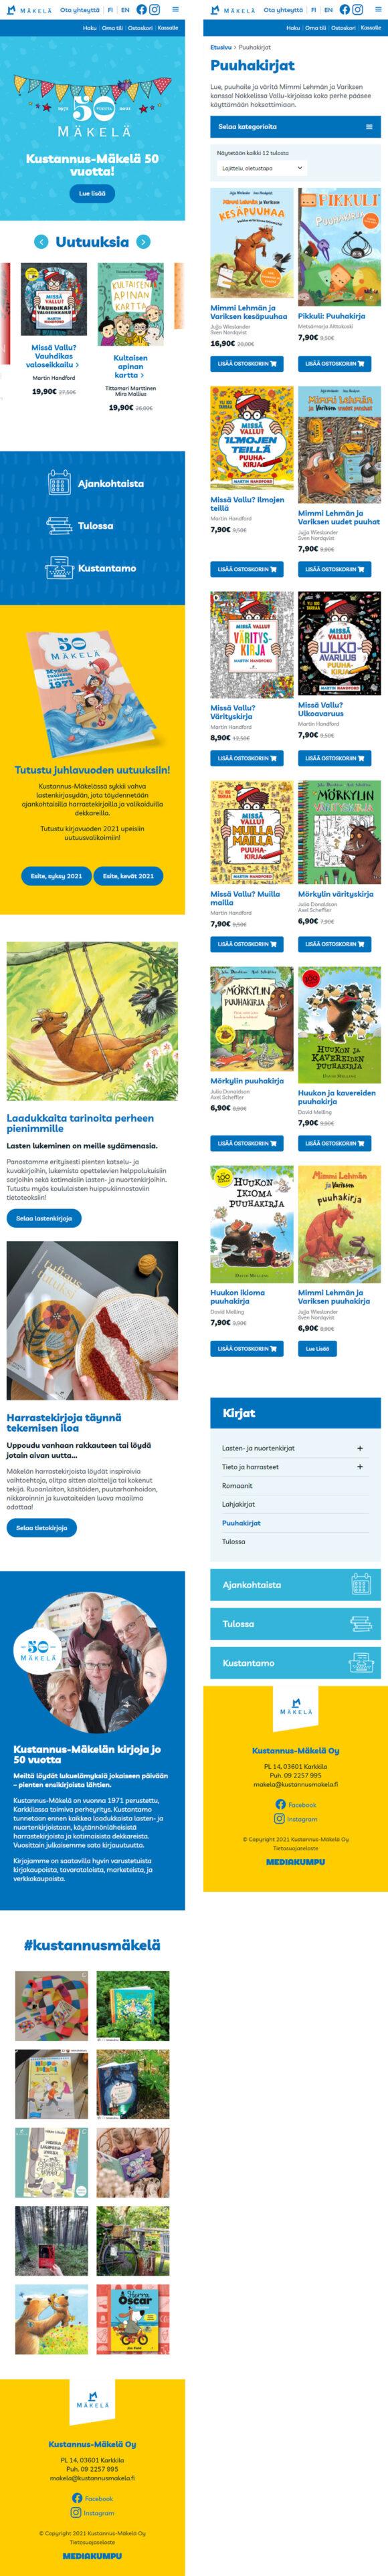 WooCommerce-verkkokauppa: Kustannus-Mäkelä kirjakauppa, mobiilinäkymiä - Mediakumpu